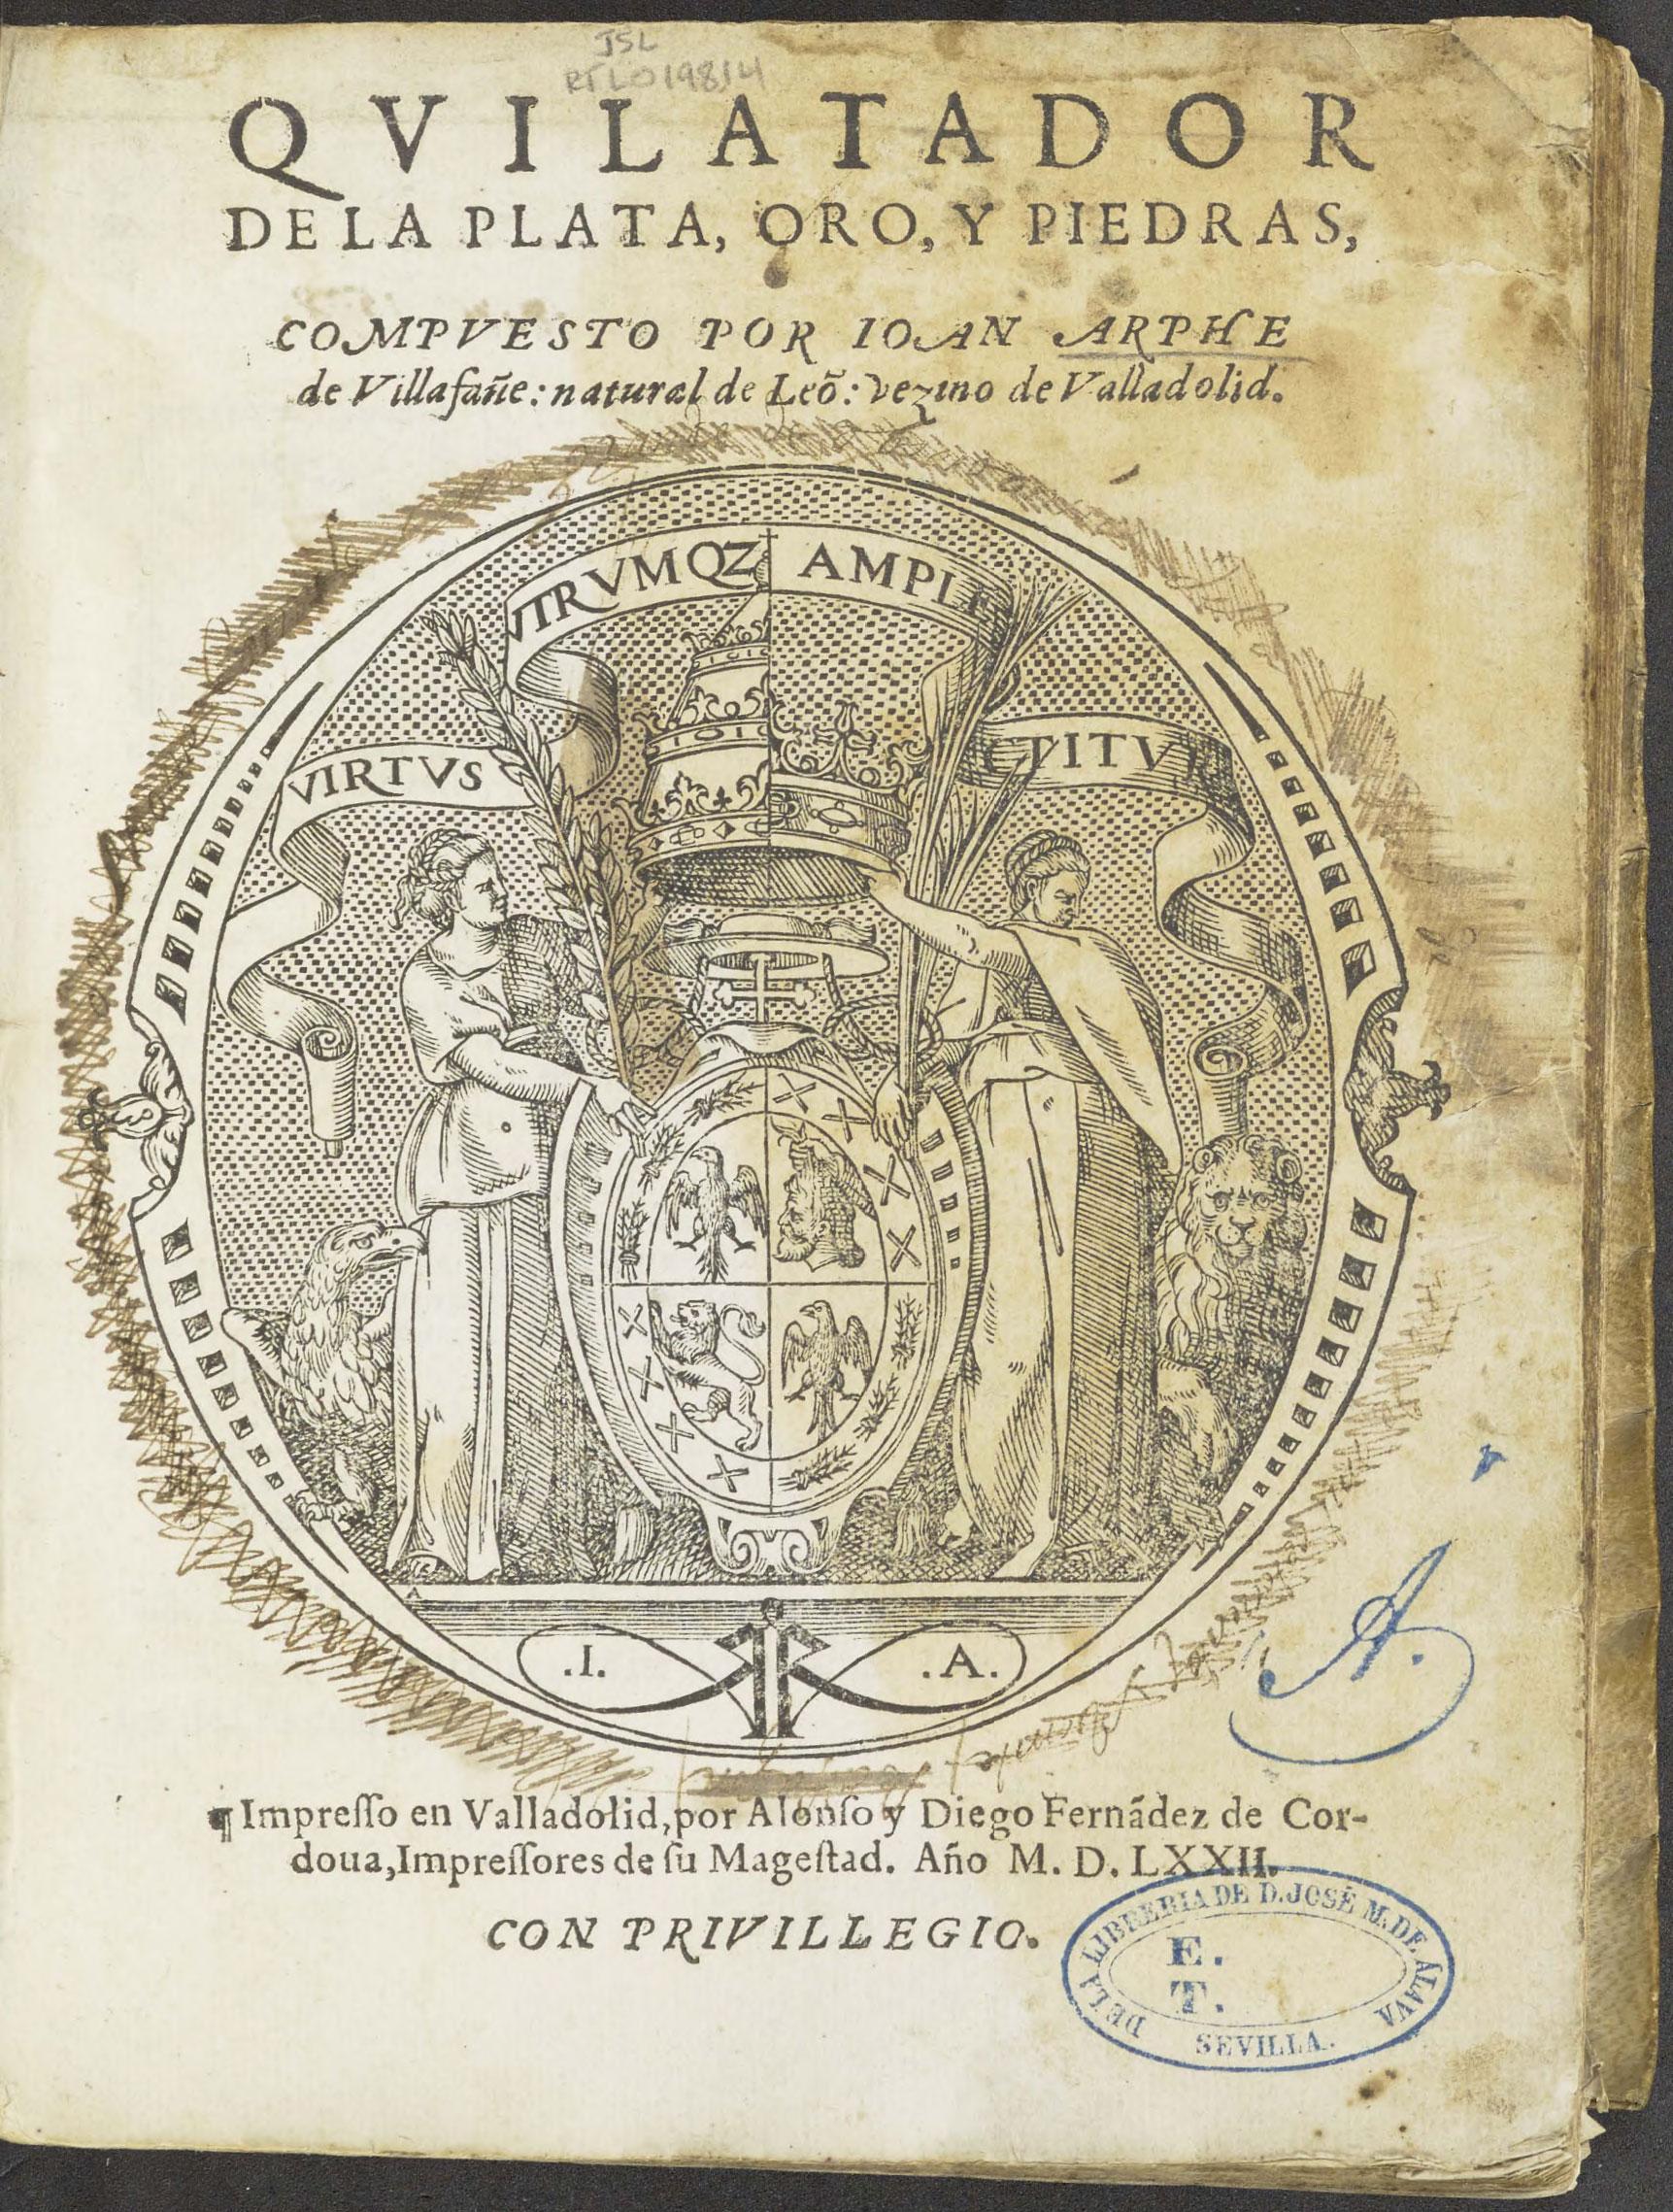 Quilatador de la Plata, Oro, y Piedras   (Assayer of Silver, Gold, and Stones) by Juan de Arfe y Villafañe, 1572.